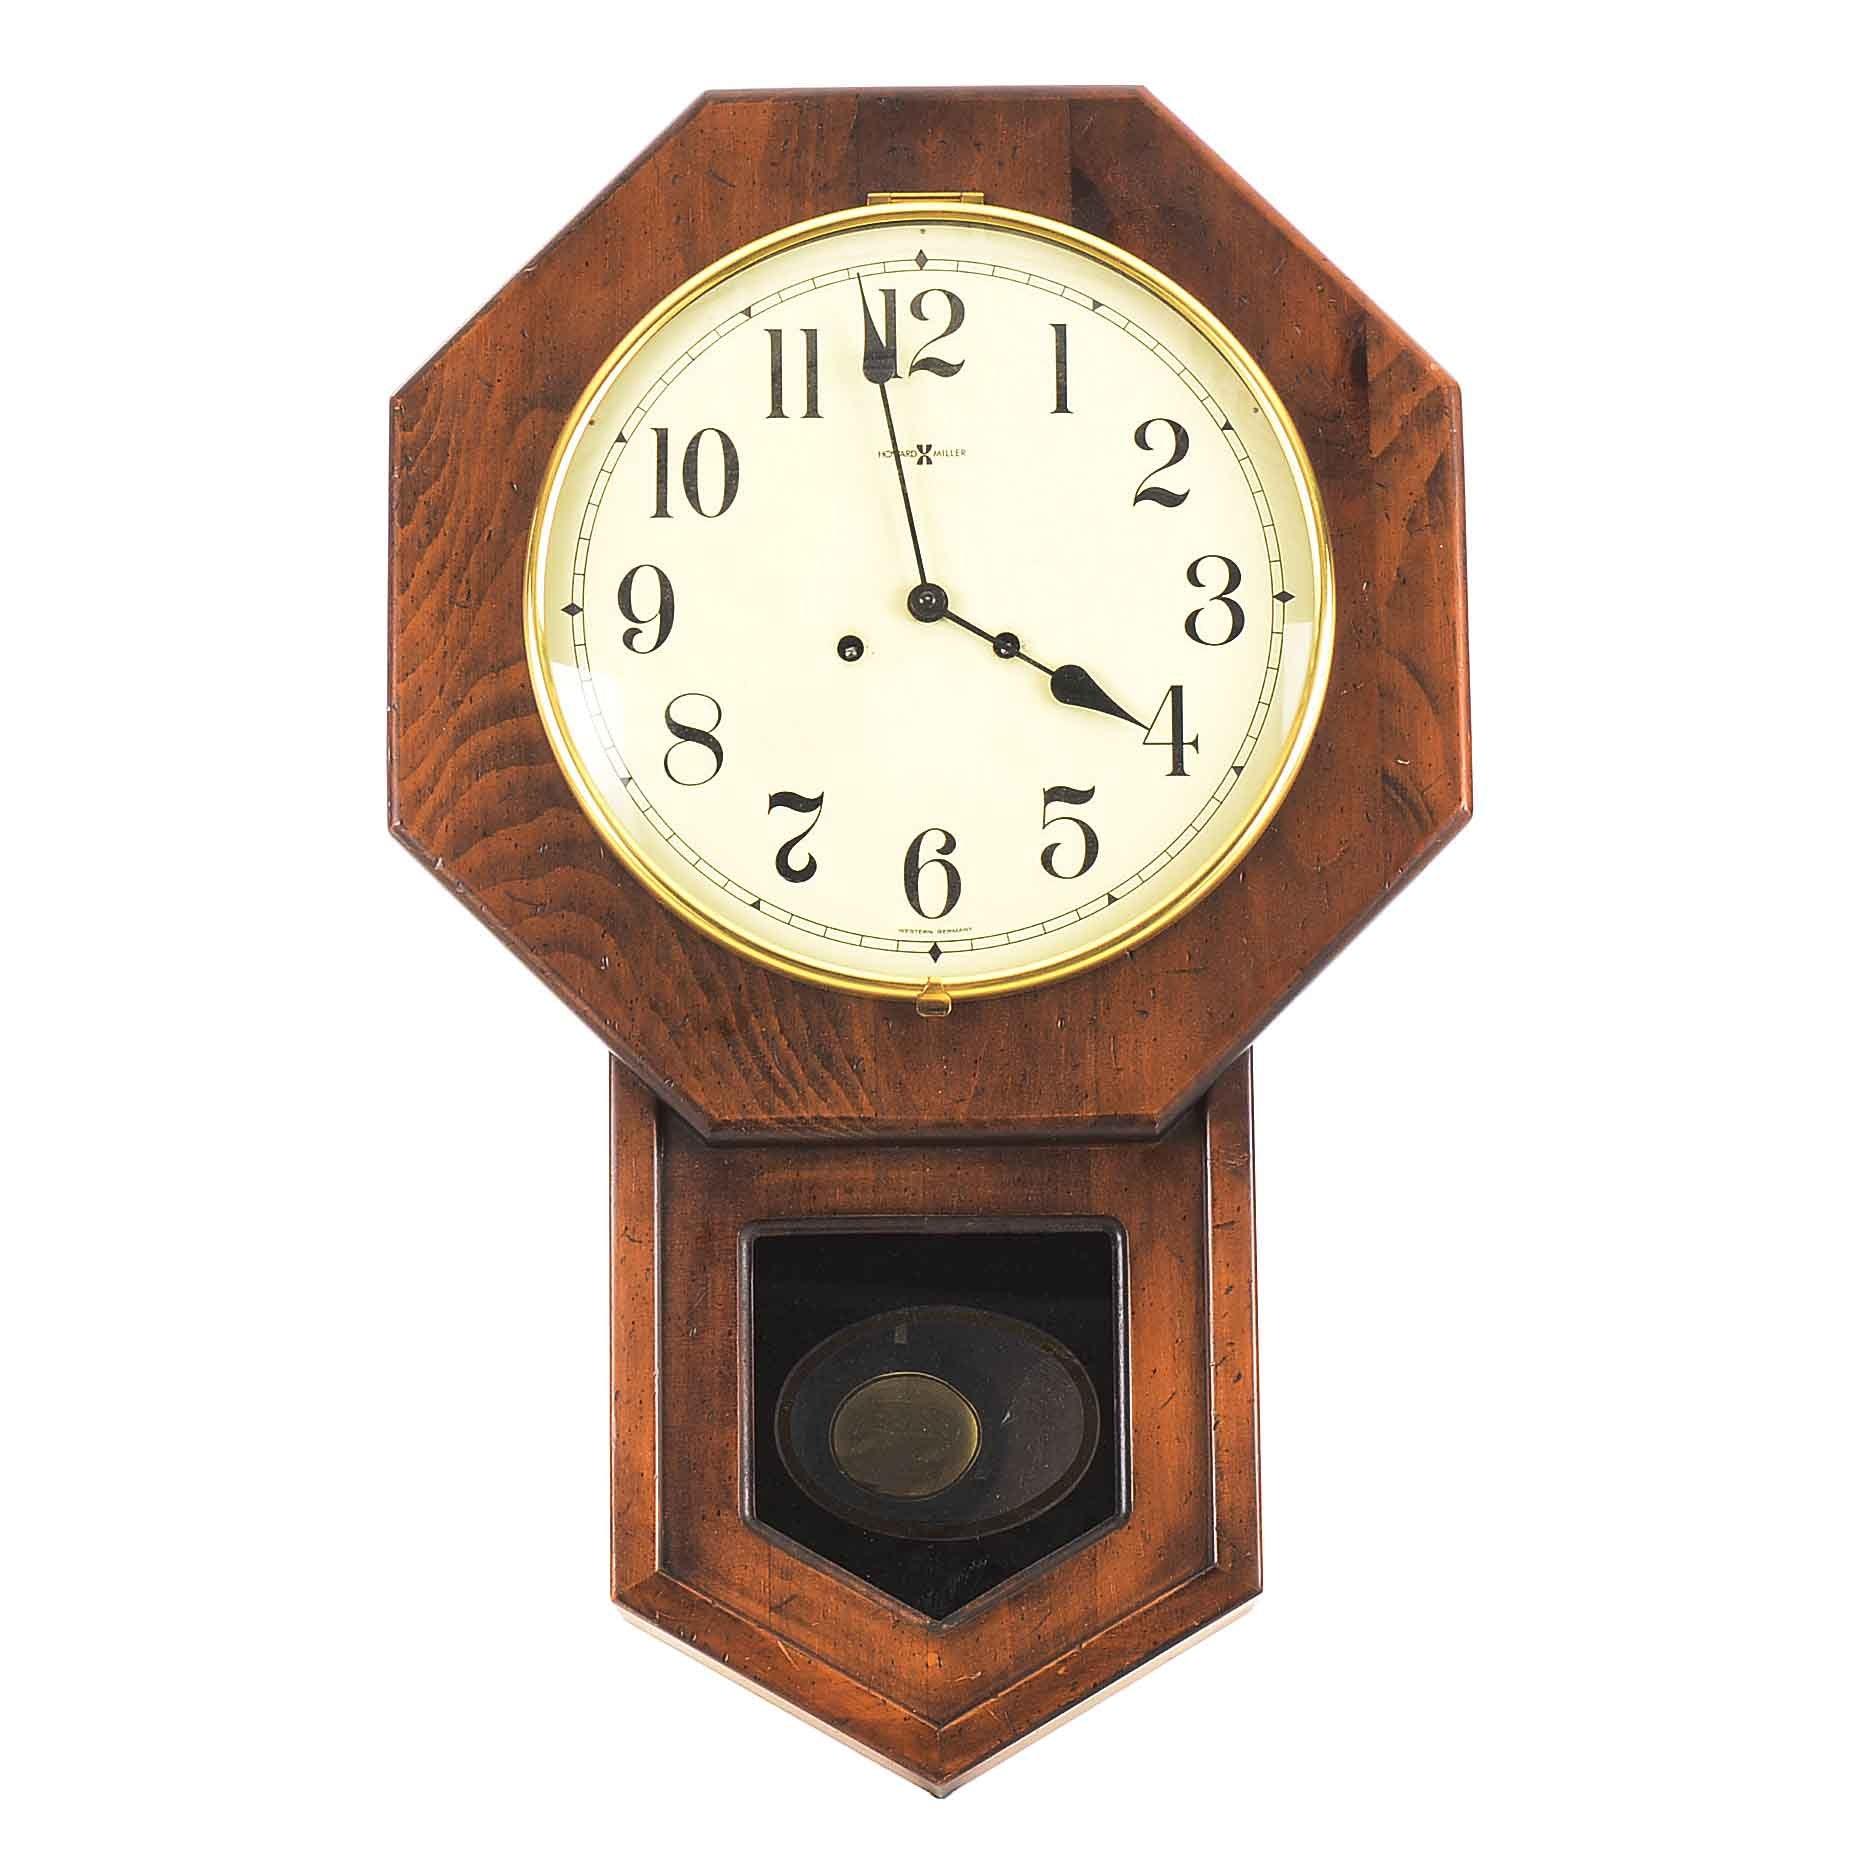 Vintage Howard Miller Regulator Wall Clock